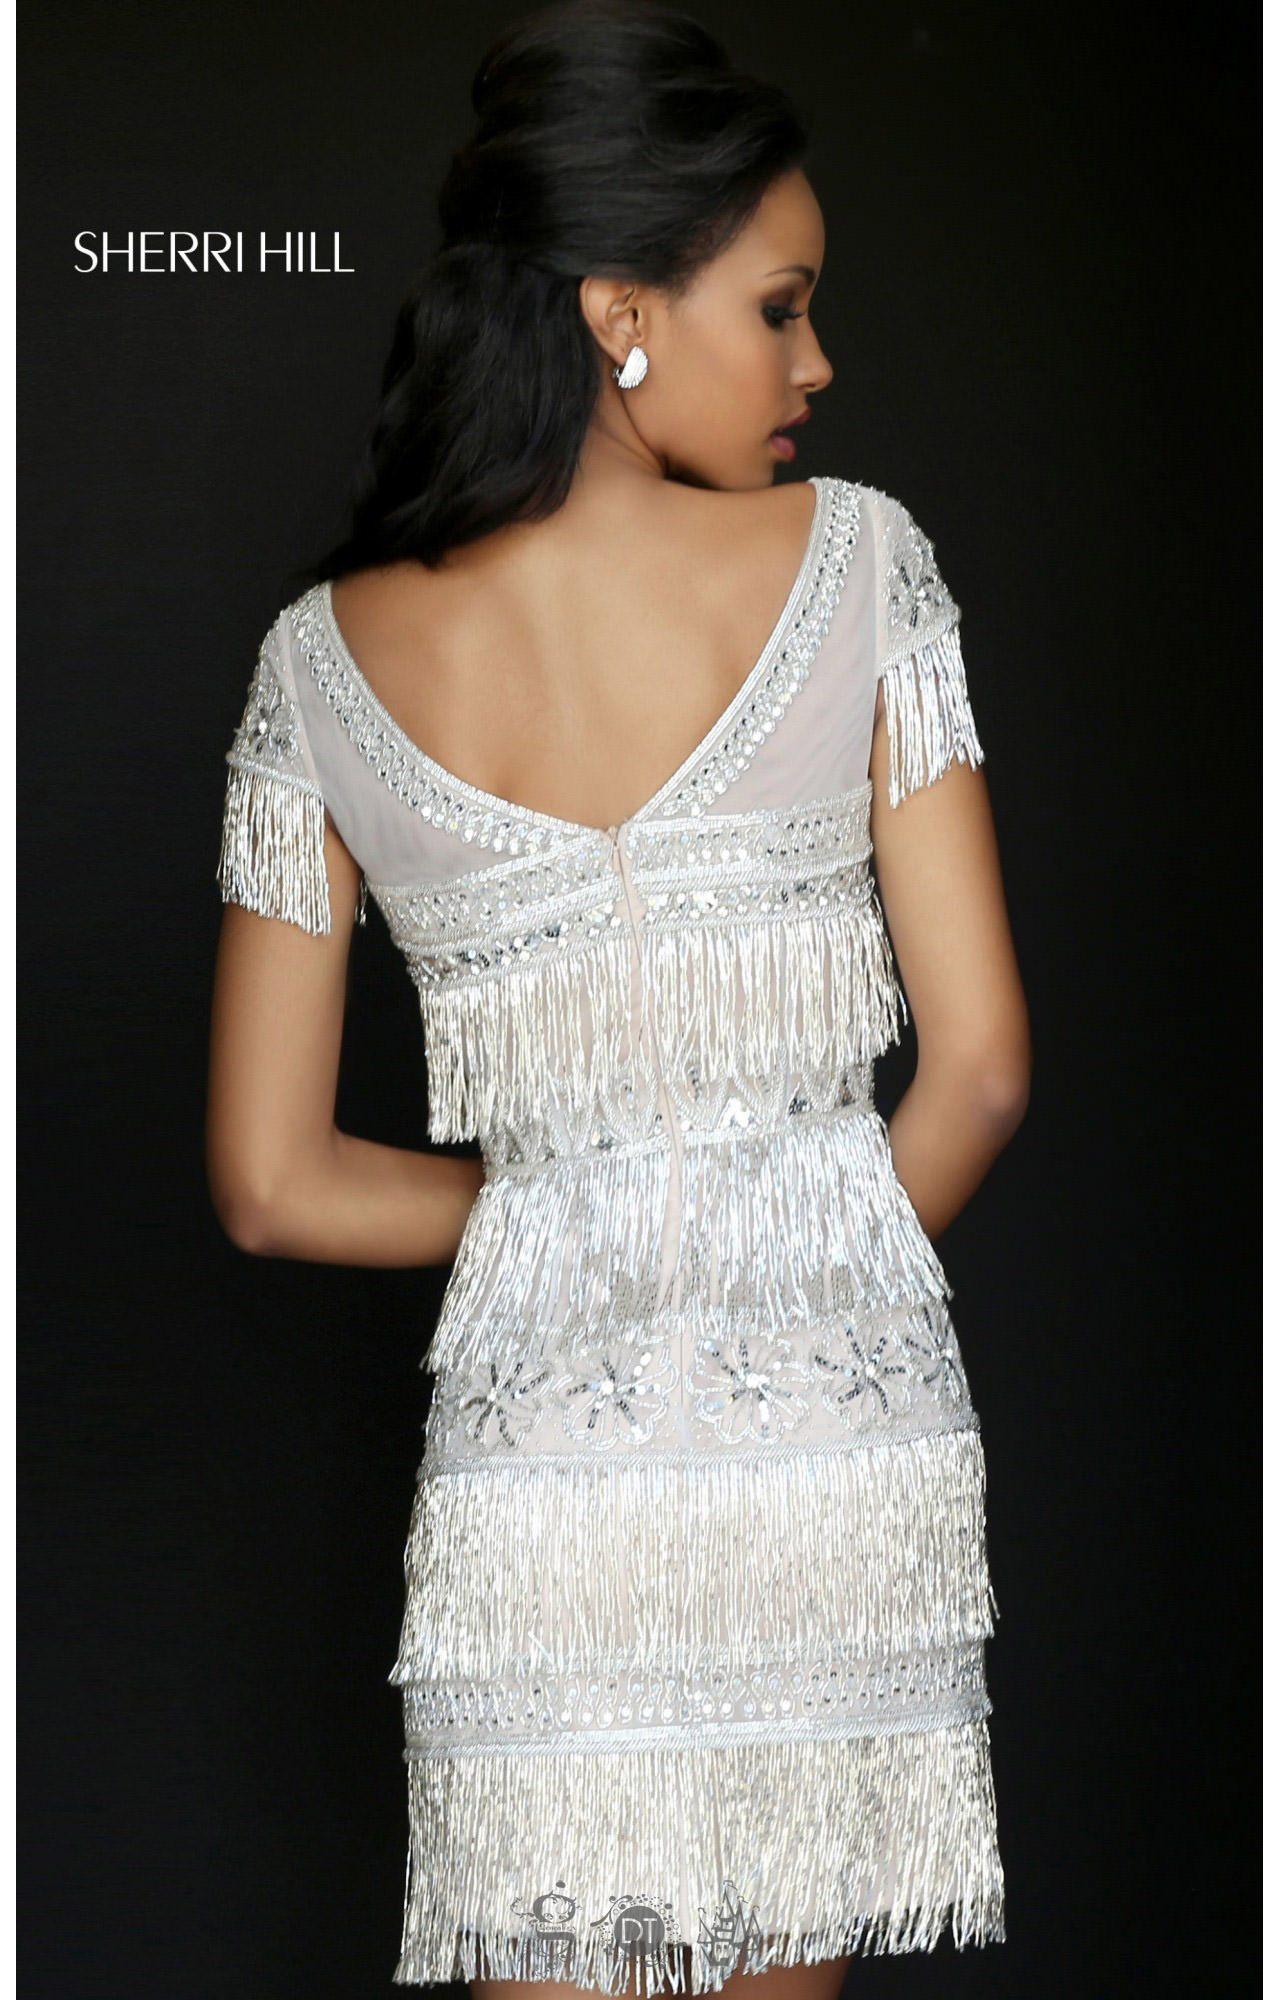 Sherri Hill 50541 Capped Sleeve Fringe Short Dress Prom